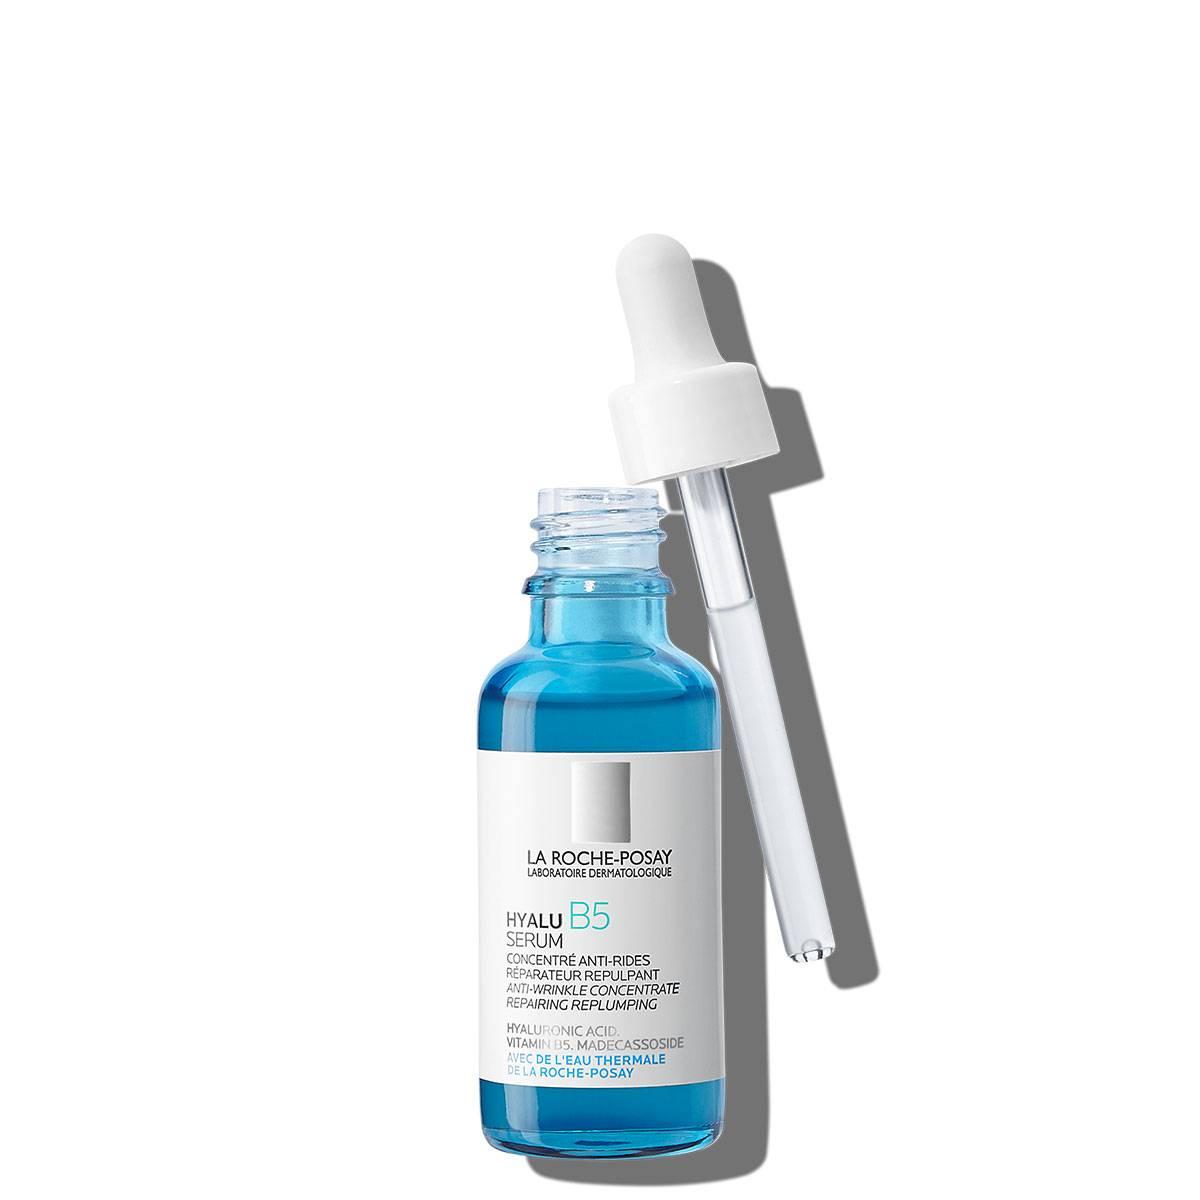 La Roche Posay Tuotesivu Ikääntymisen ehkäisy Hyalu B5 Serum 30ml 333787558362